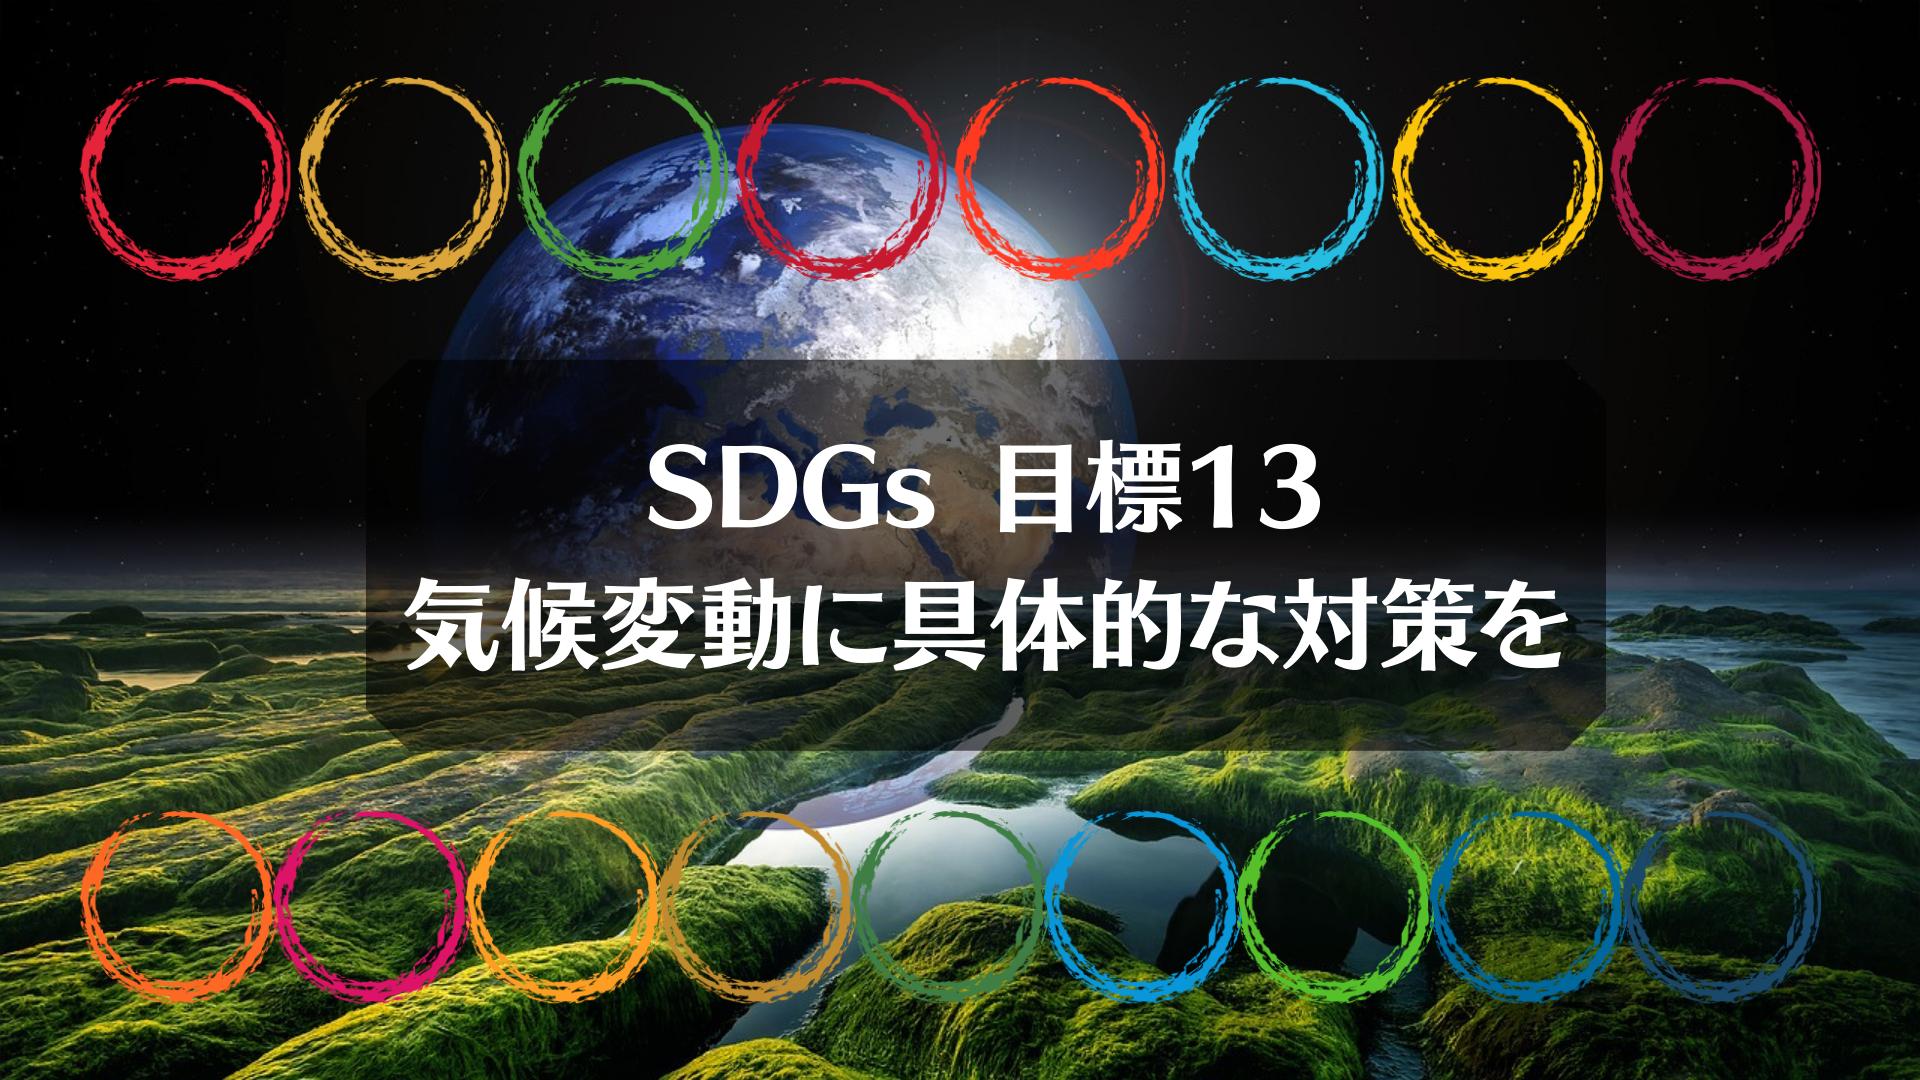 SDGs目標13「気候変動に具体的な対策を」と|地球の現状・温暖化のメカニズム・取り組みまで